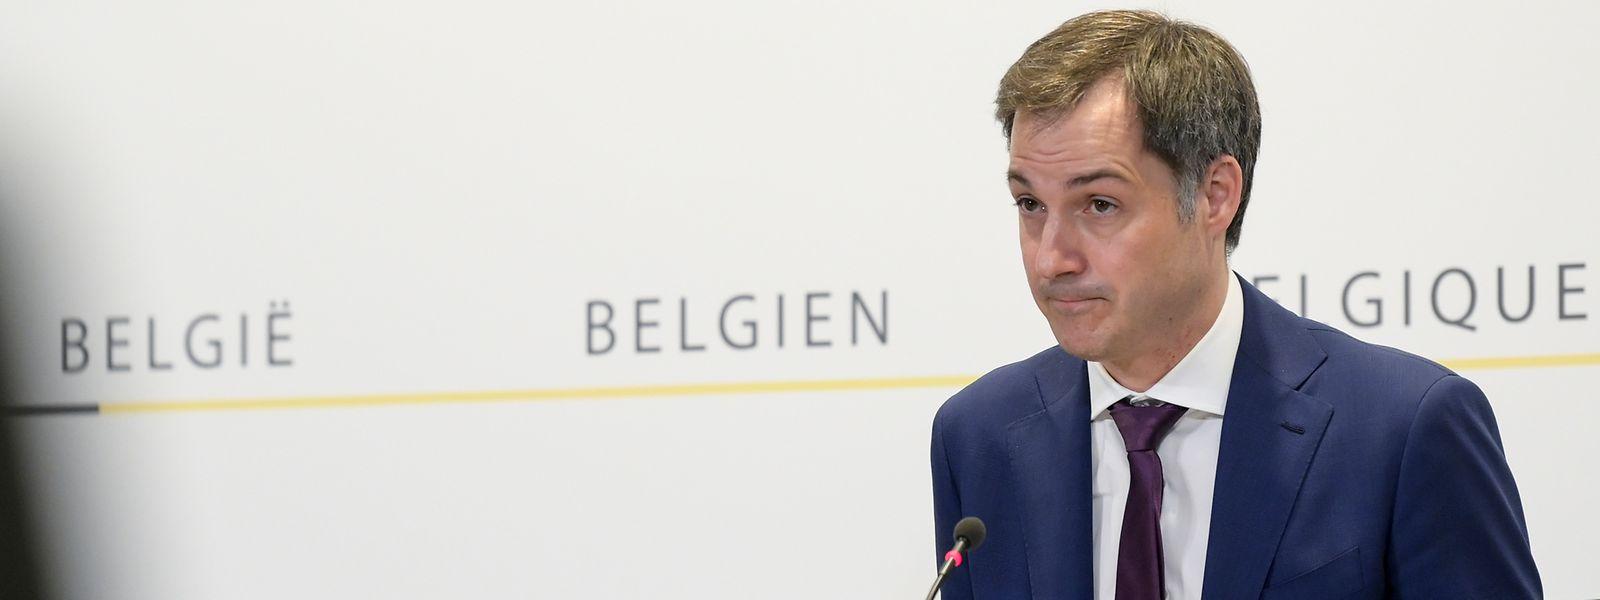 La nouvelle réforme portée par le gouvernement De Croo doit mettre en place «une répartition plus homogène et plus efficace des compétences».